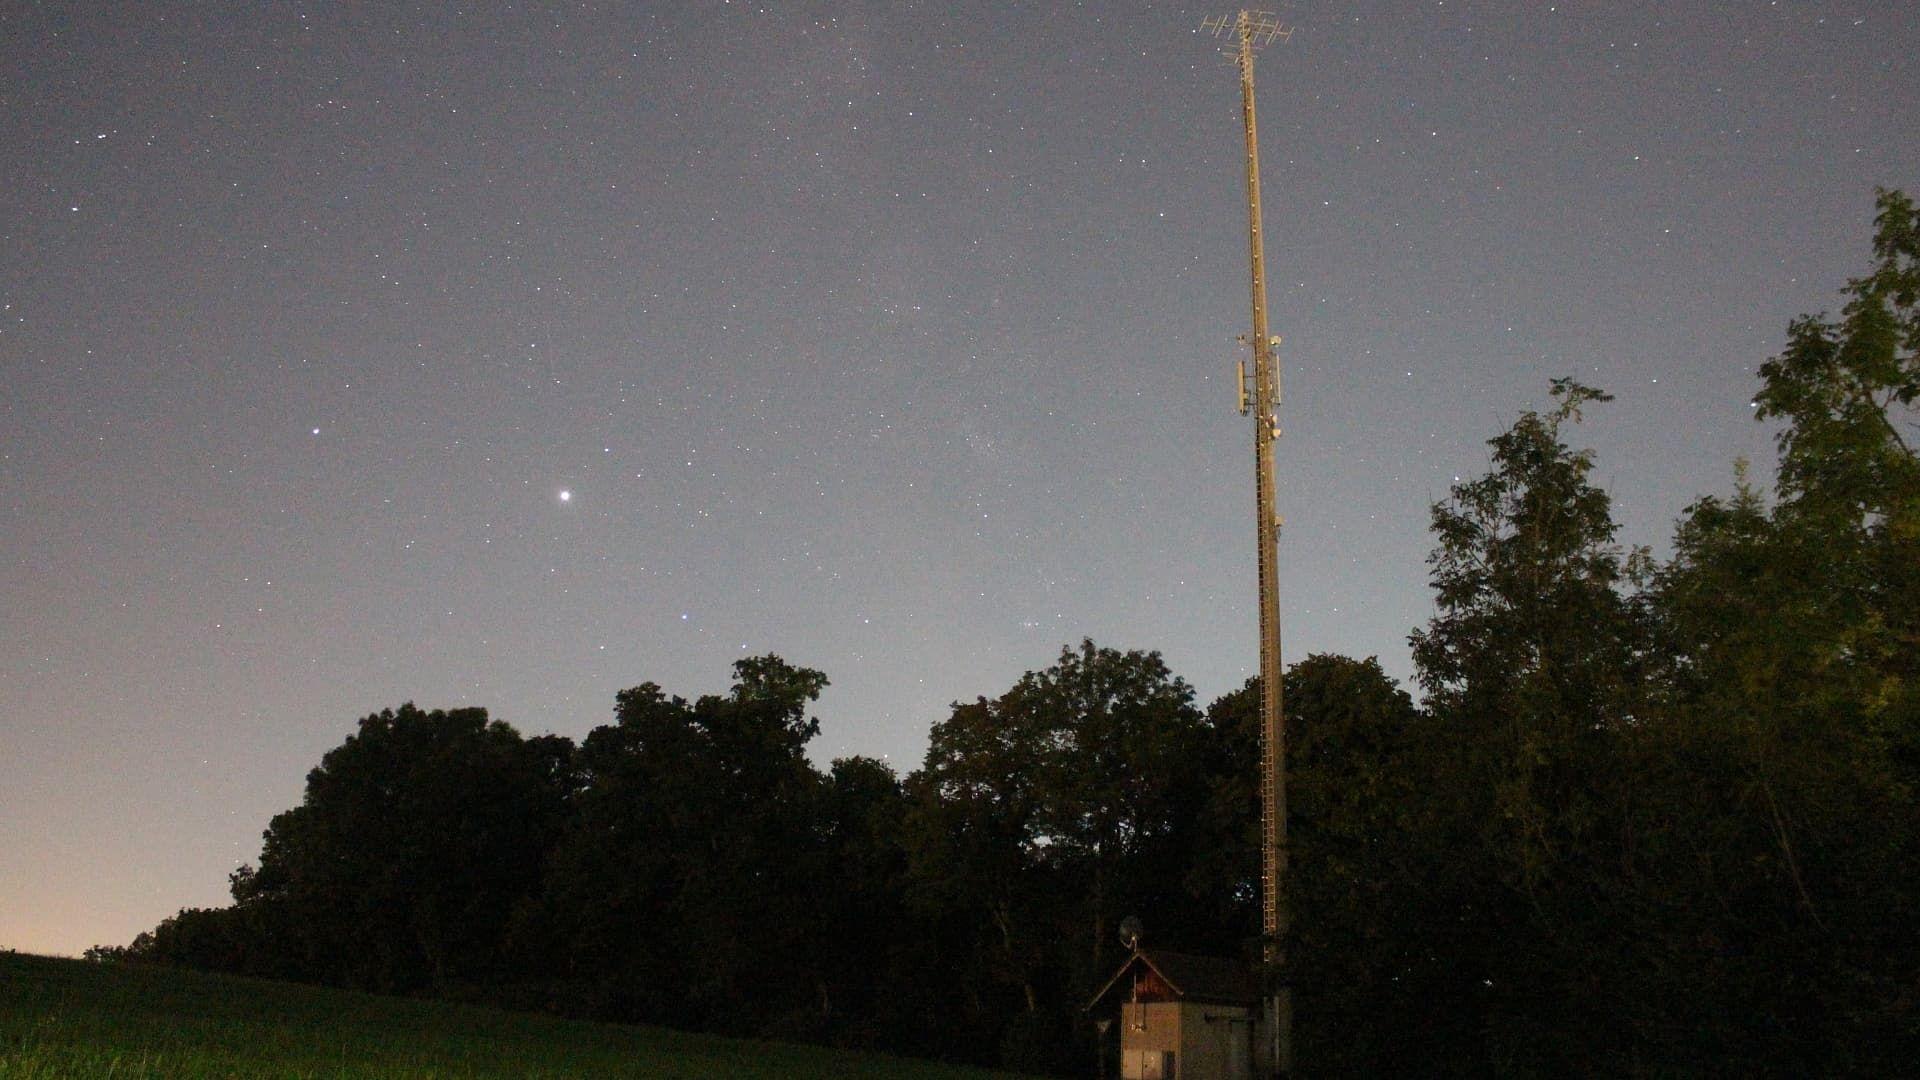 Leserbild: »Jupiter und Saturn im Sternbild Schütze neben dem Antennenträger des Senders Biberach, der zur Verbreitung des Programms des Deutschlandfunks auf 100,5 MHz mit 500 Watt Sendeleistung und zur Verbreitung des Programmes von Donau 3 FM auf 104,6 MHz mit 320 Watt Sendeleistung dient.«